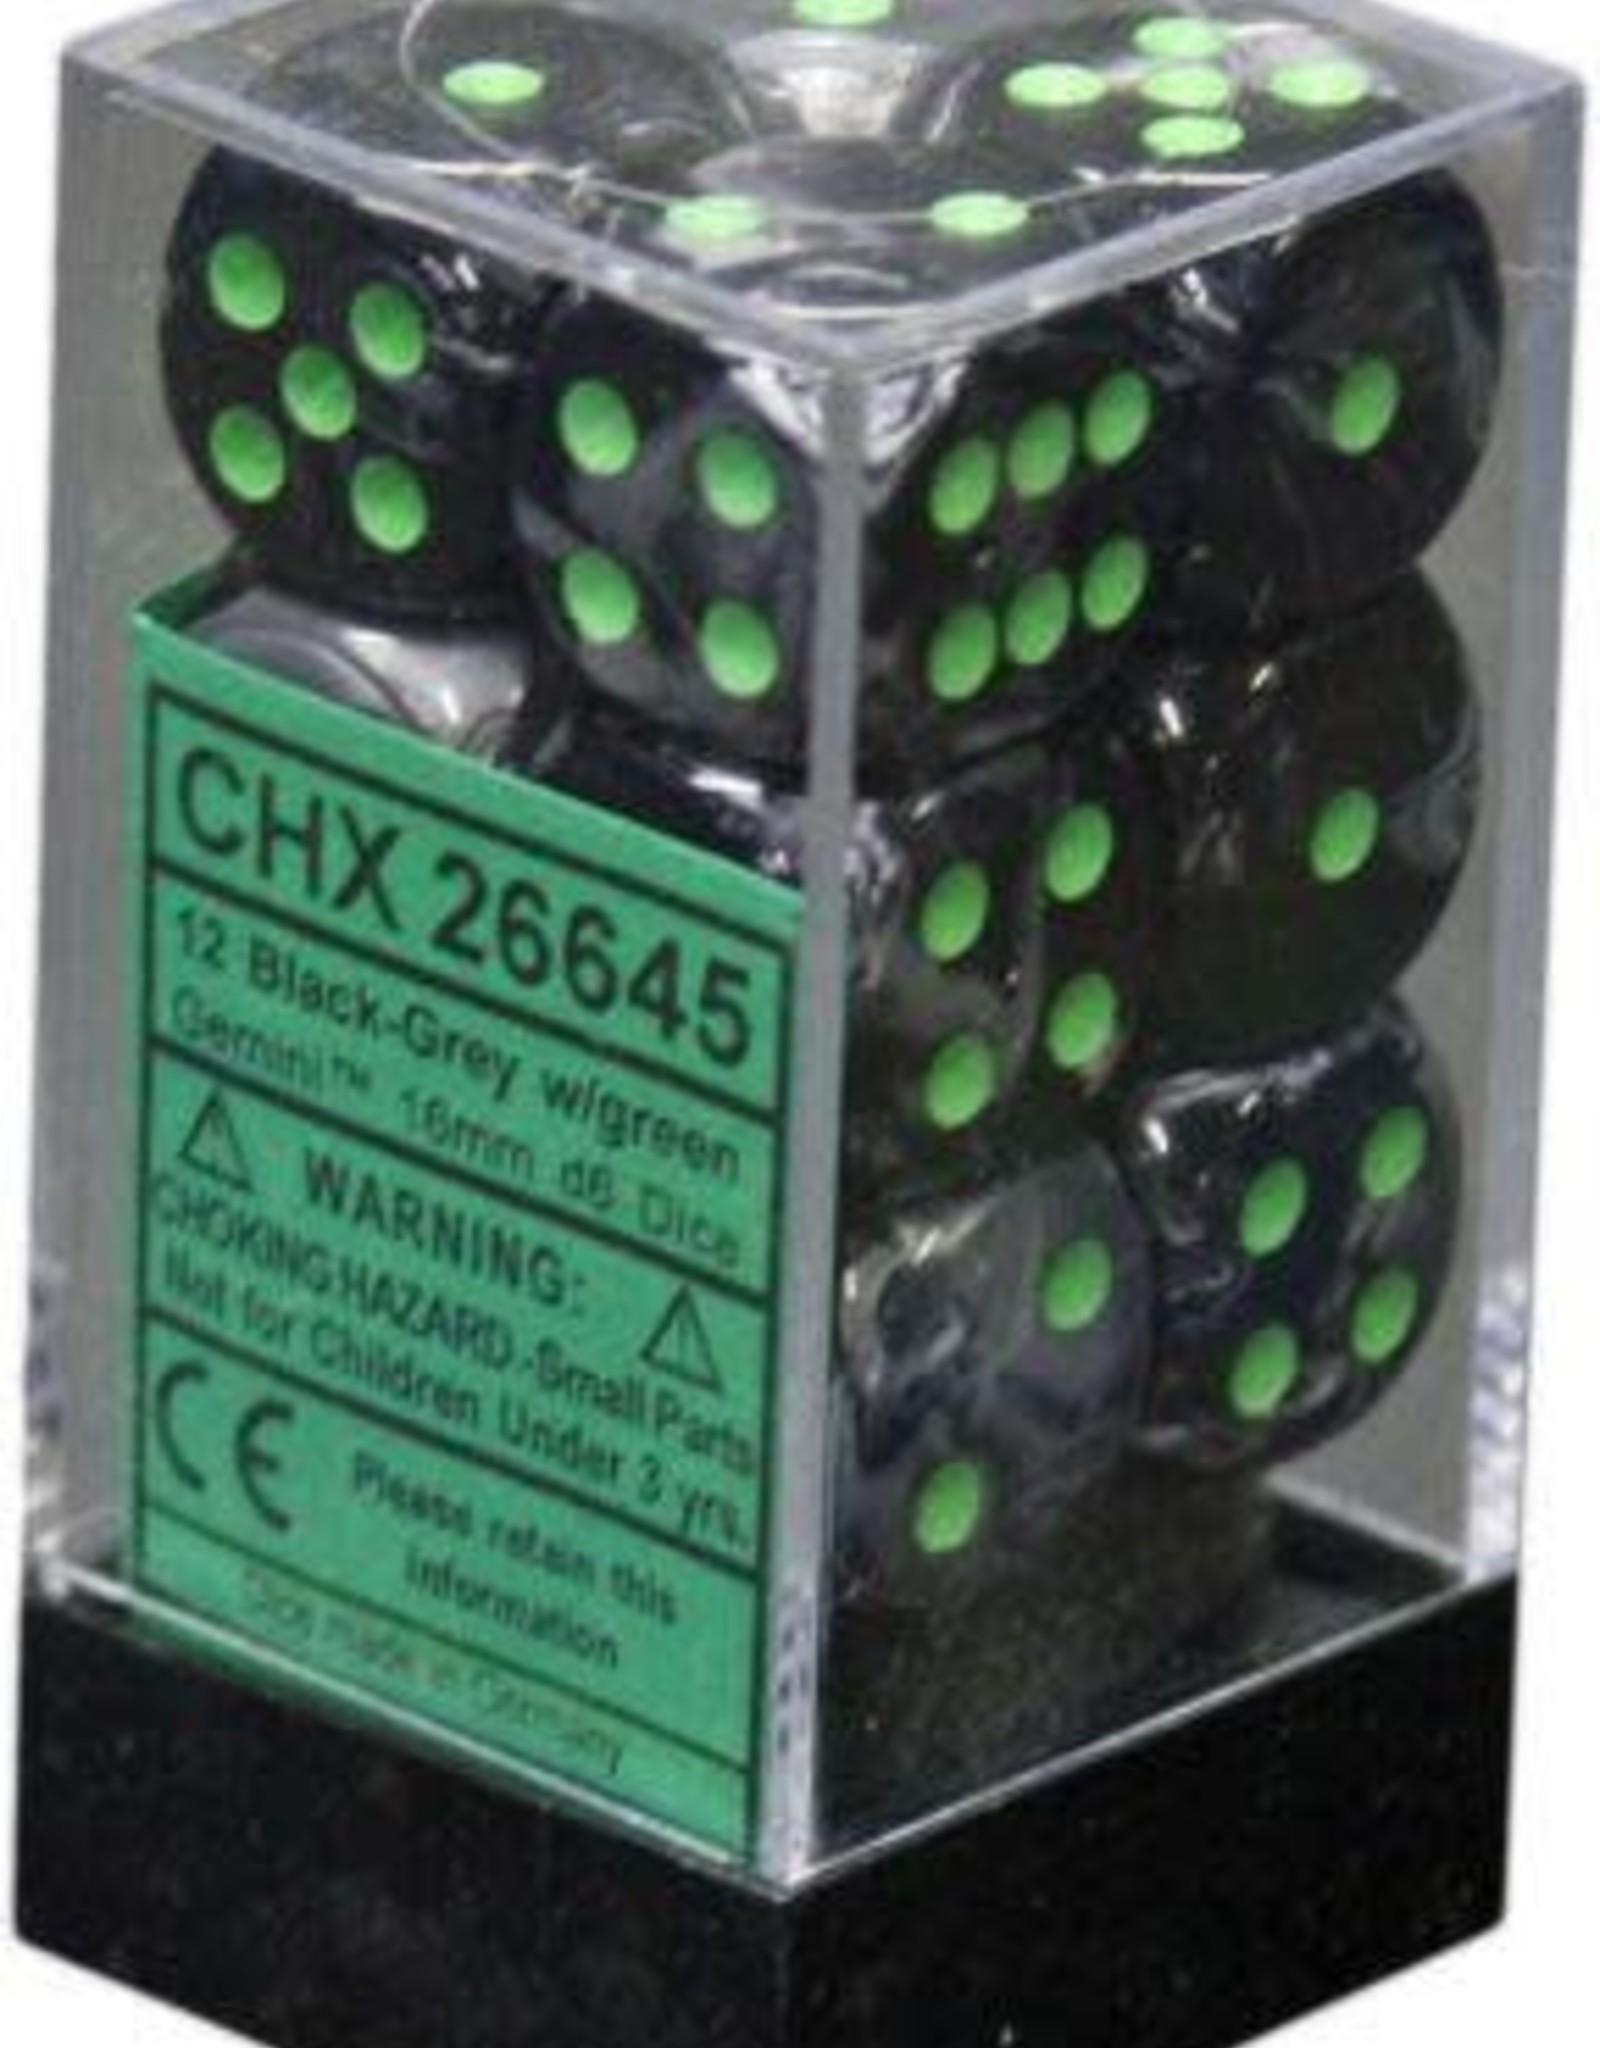 Chessex d6 Cube 16mm Gemini Black & Grey w/ Green (12)